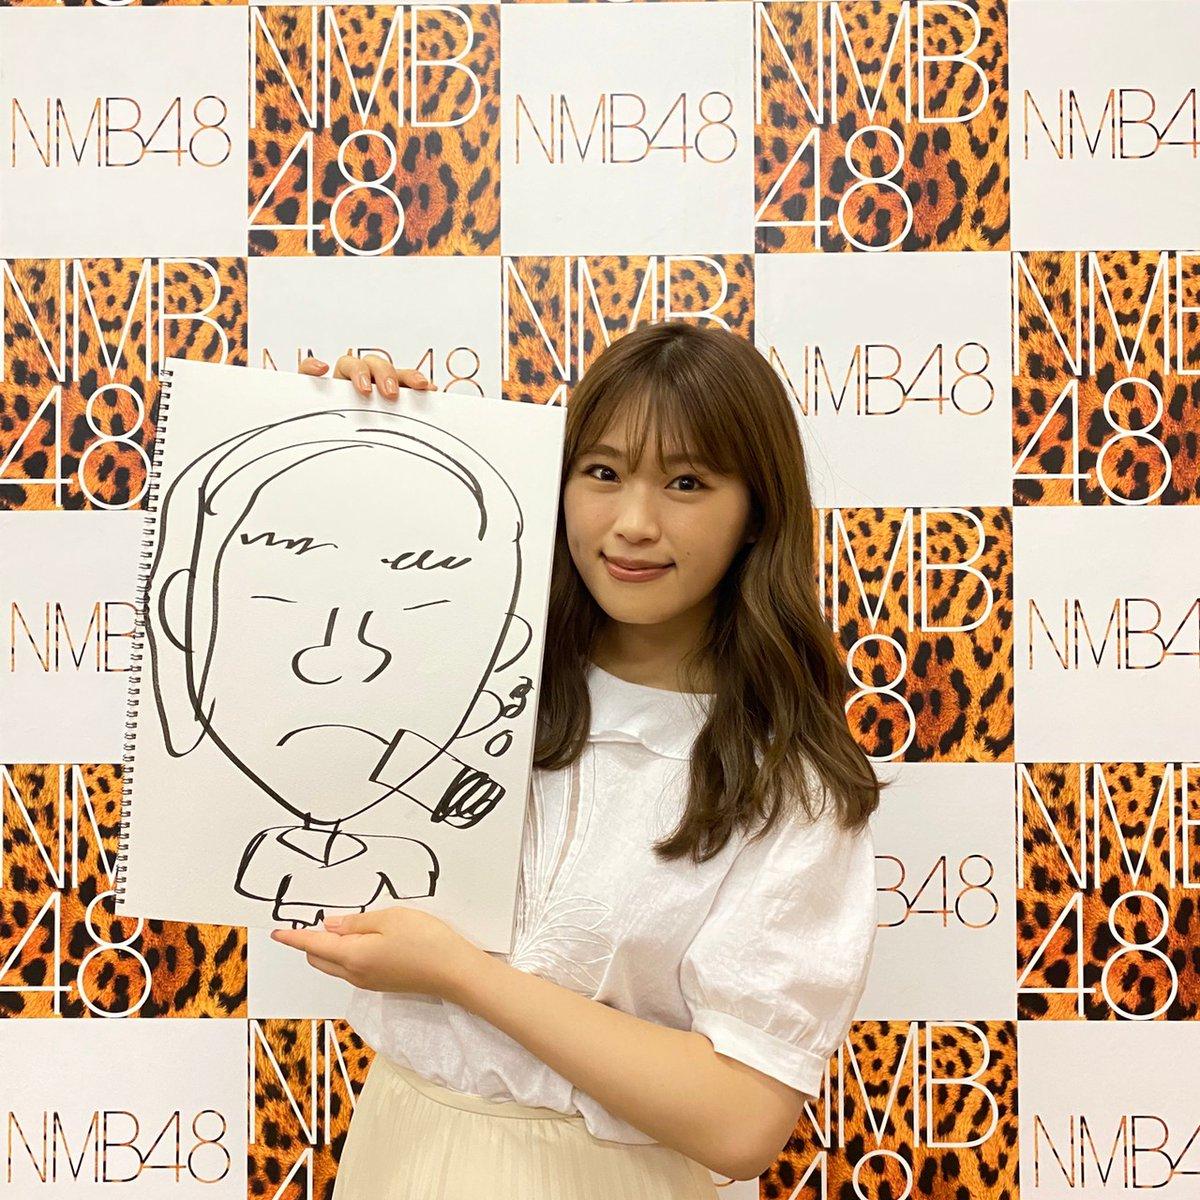 【NMB48】1/21の昼方NMB48・夕方NMB48の時間と出演メンバーが発表